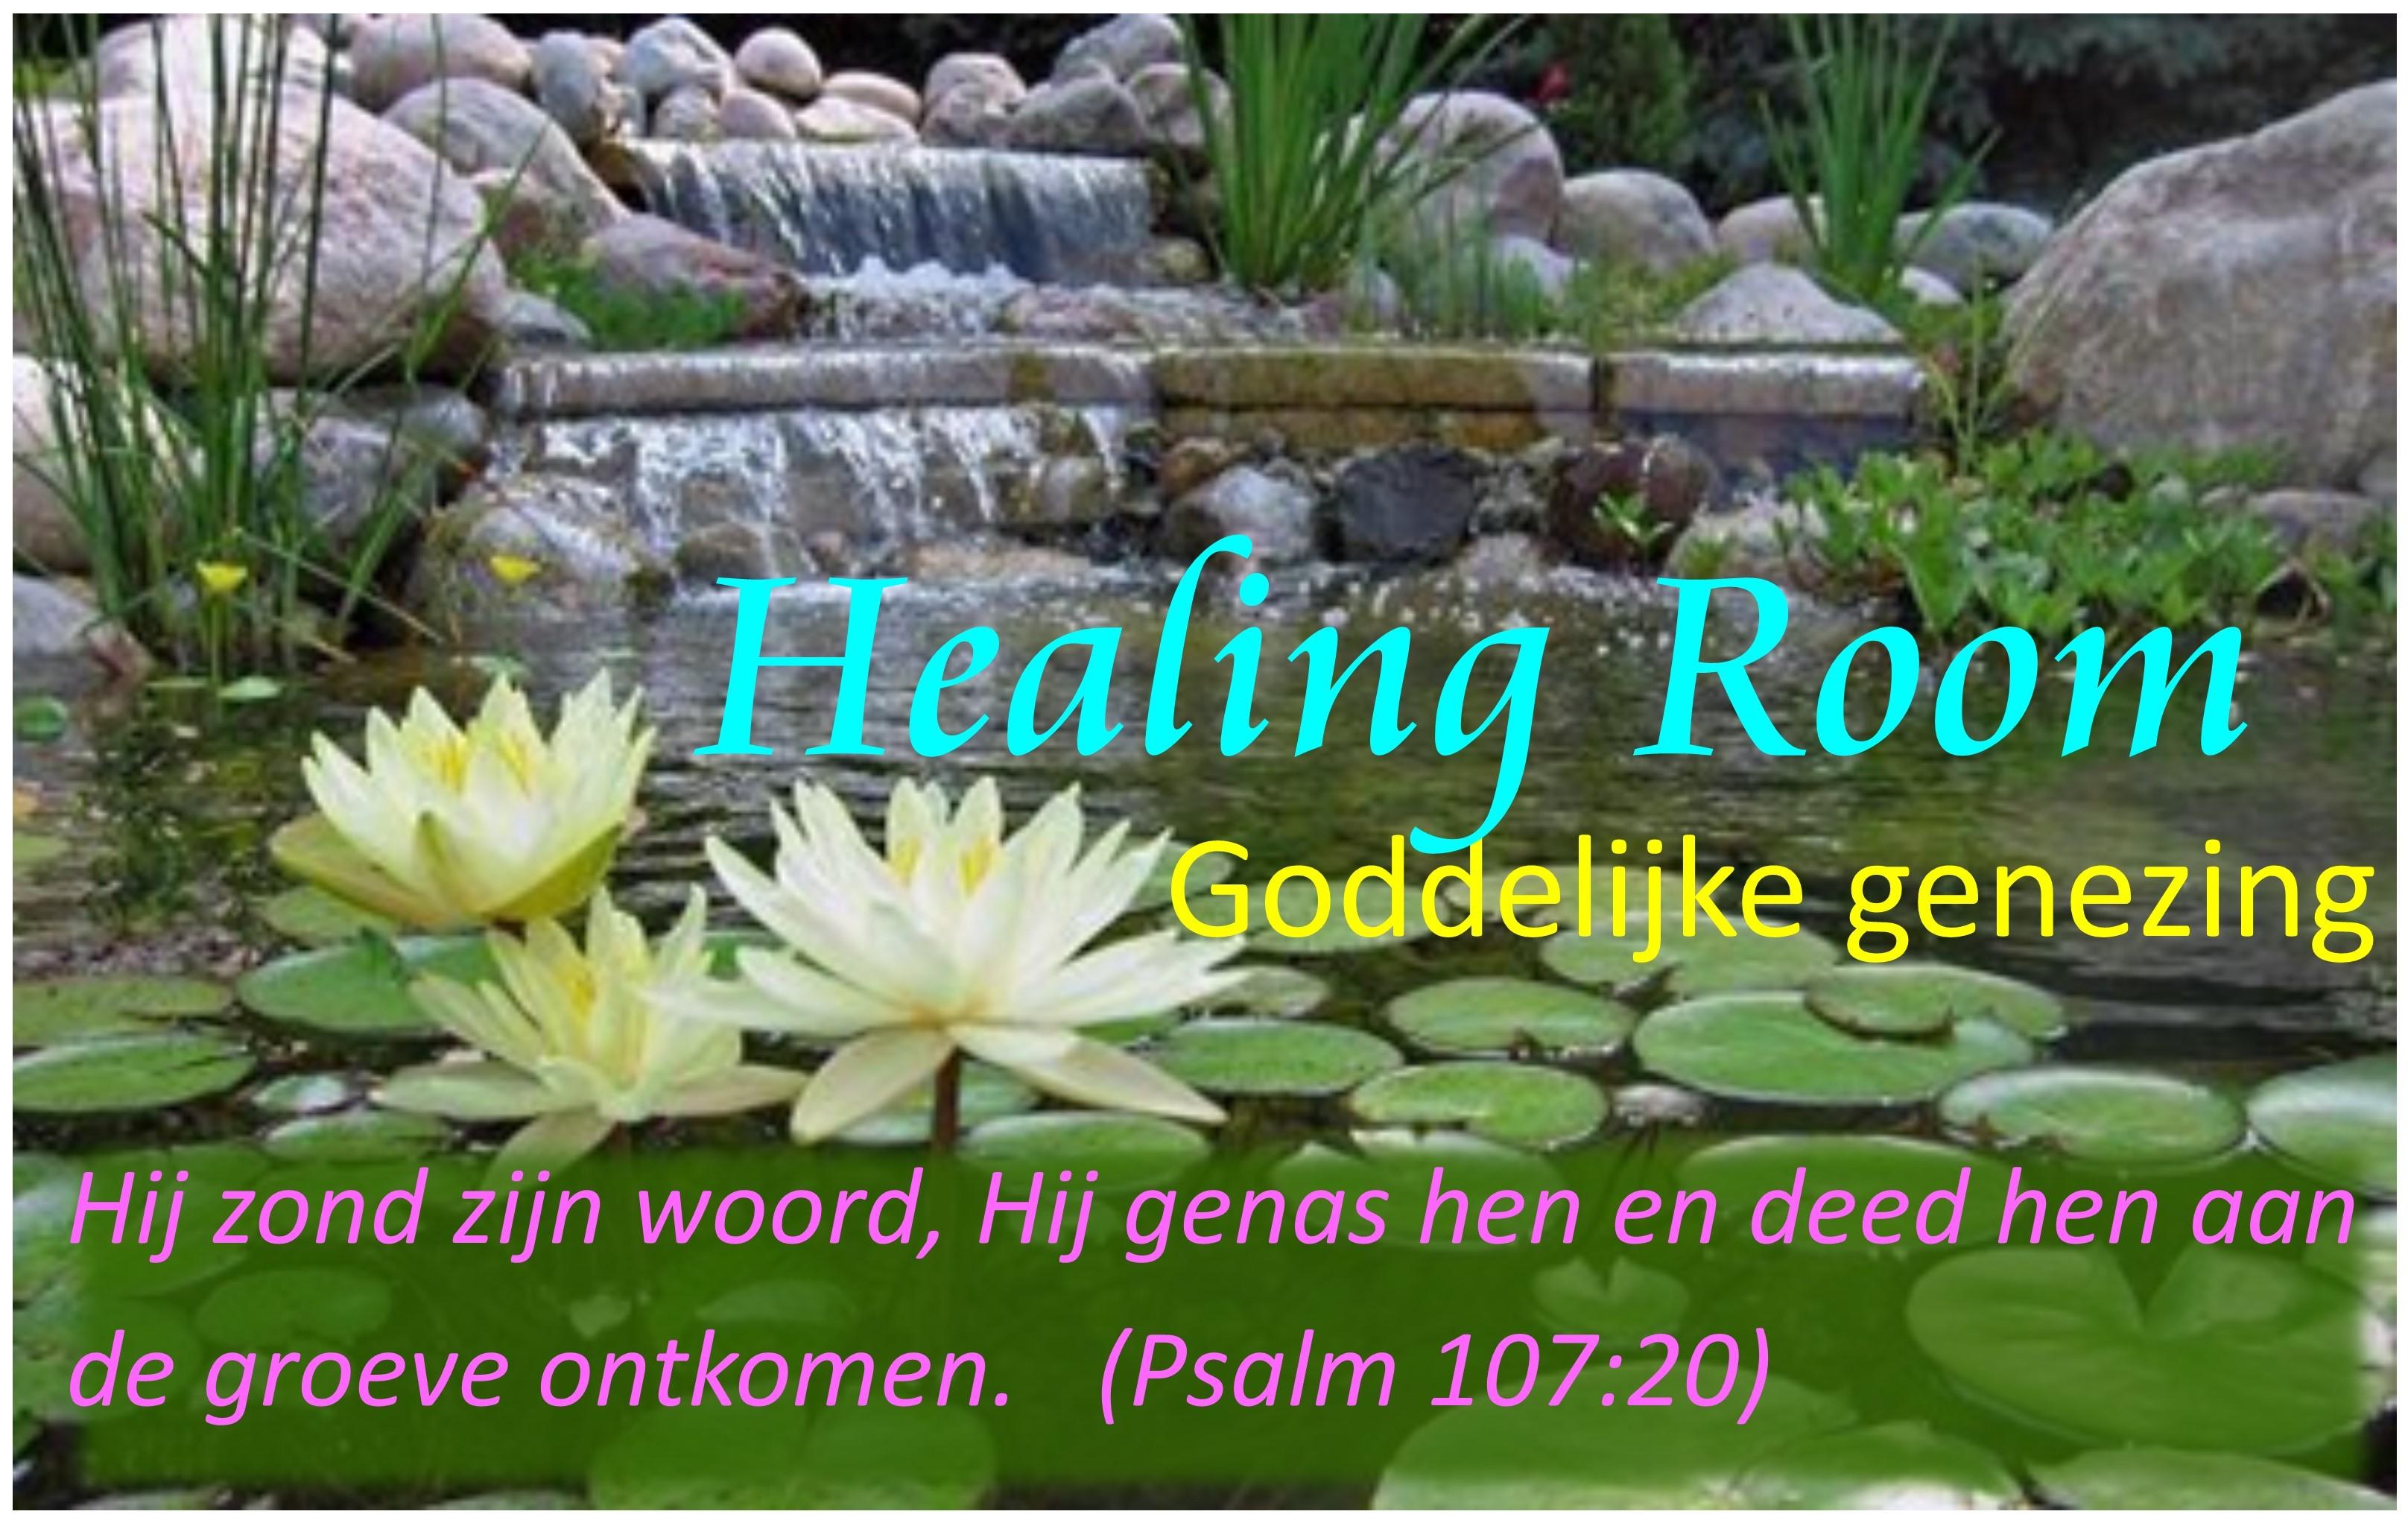 healing room smartblock